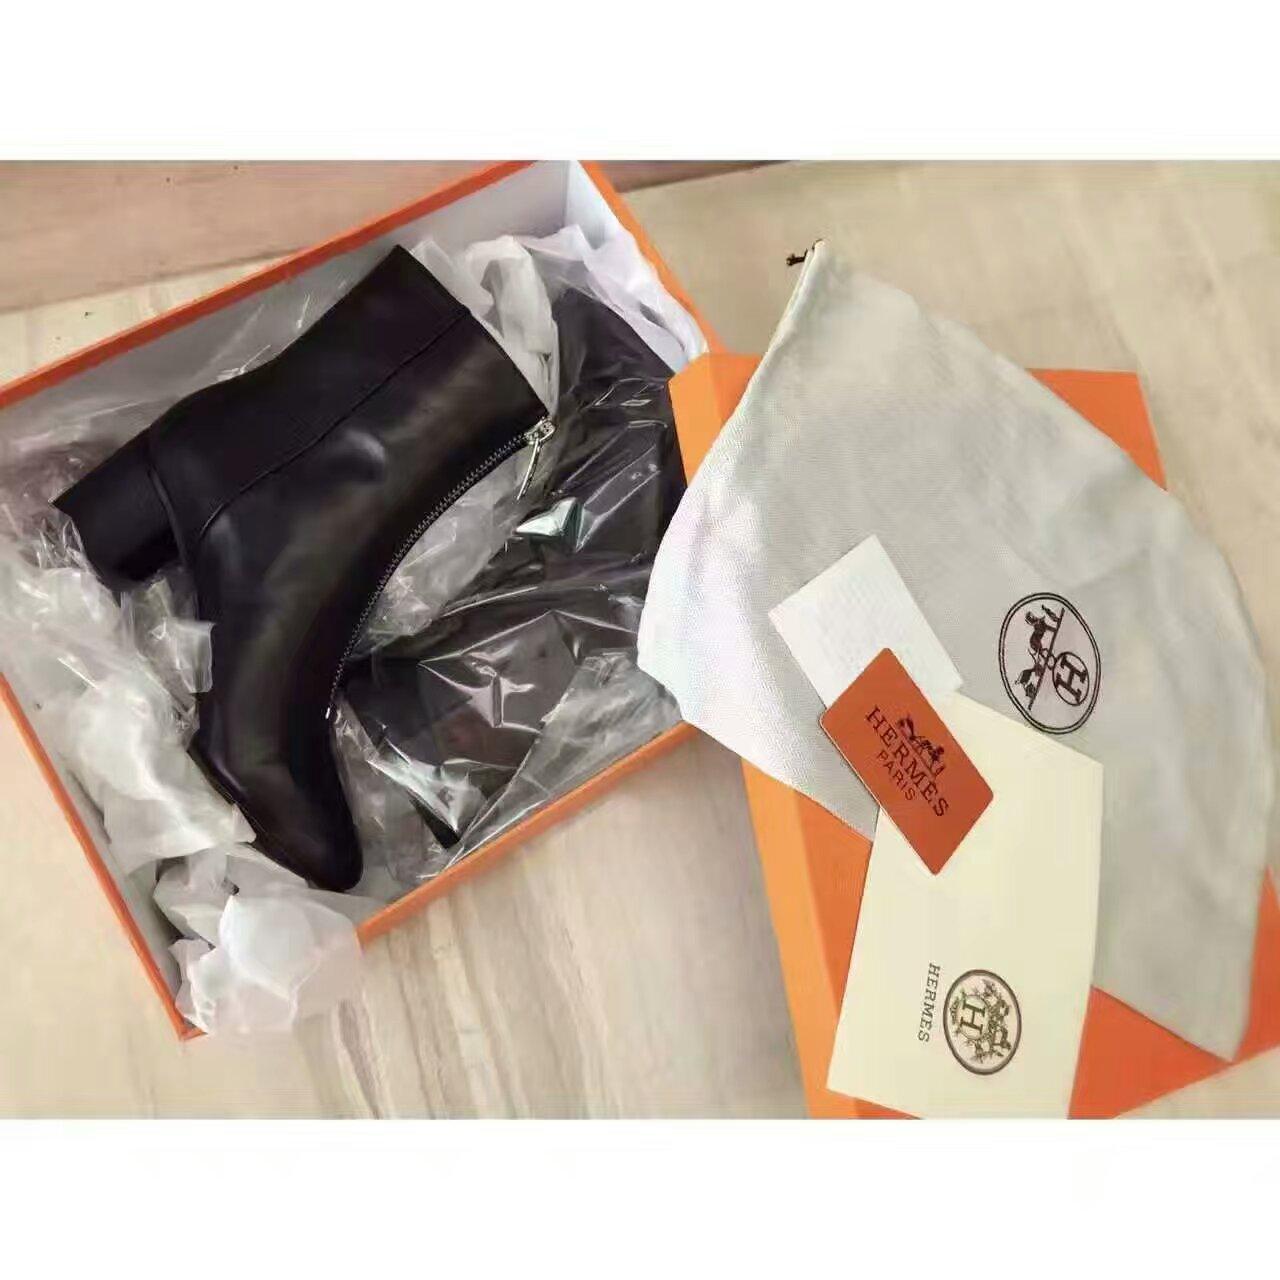 【Hermès】16fw最新系列短靴专柜在售。牛皮面、羊皮里。